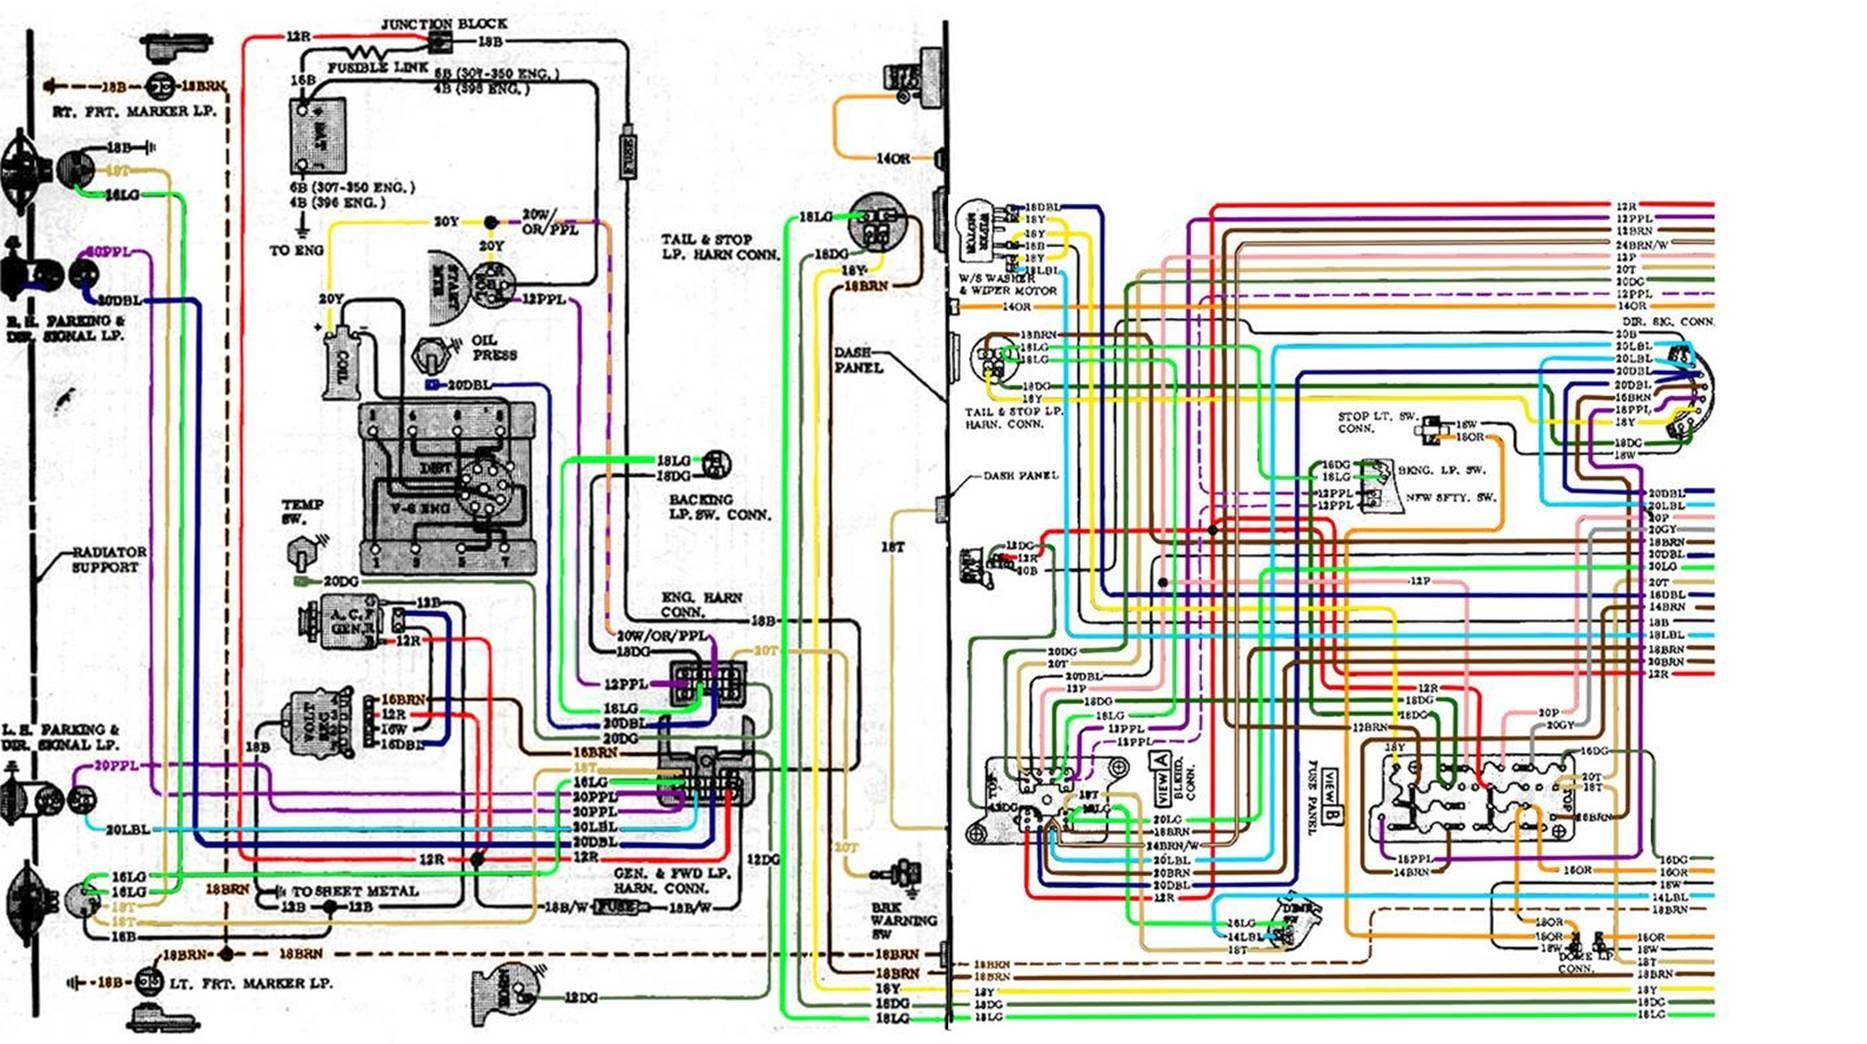 69 Chevelle Wiring Schematic - Free Download Wiring Diagram